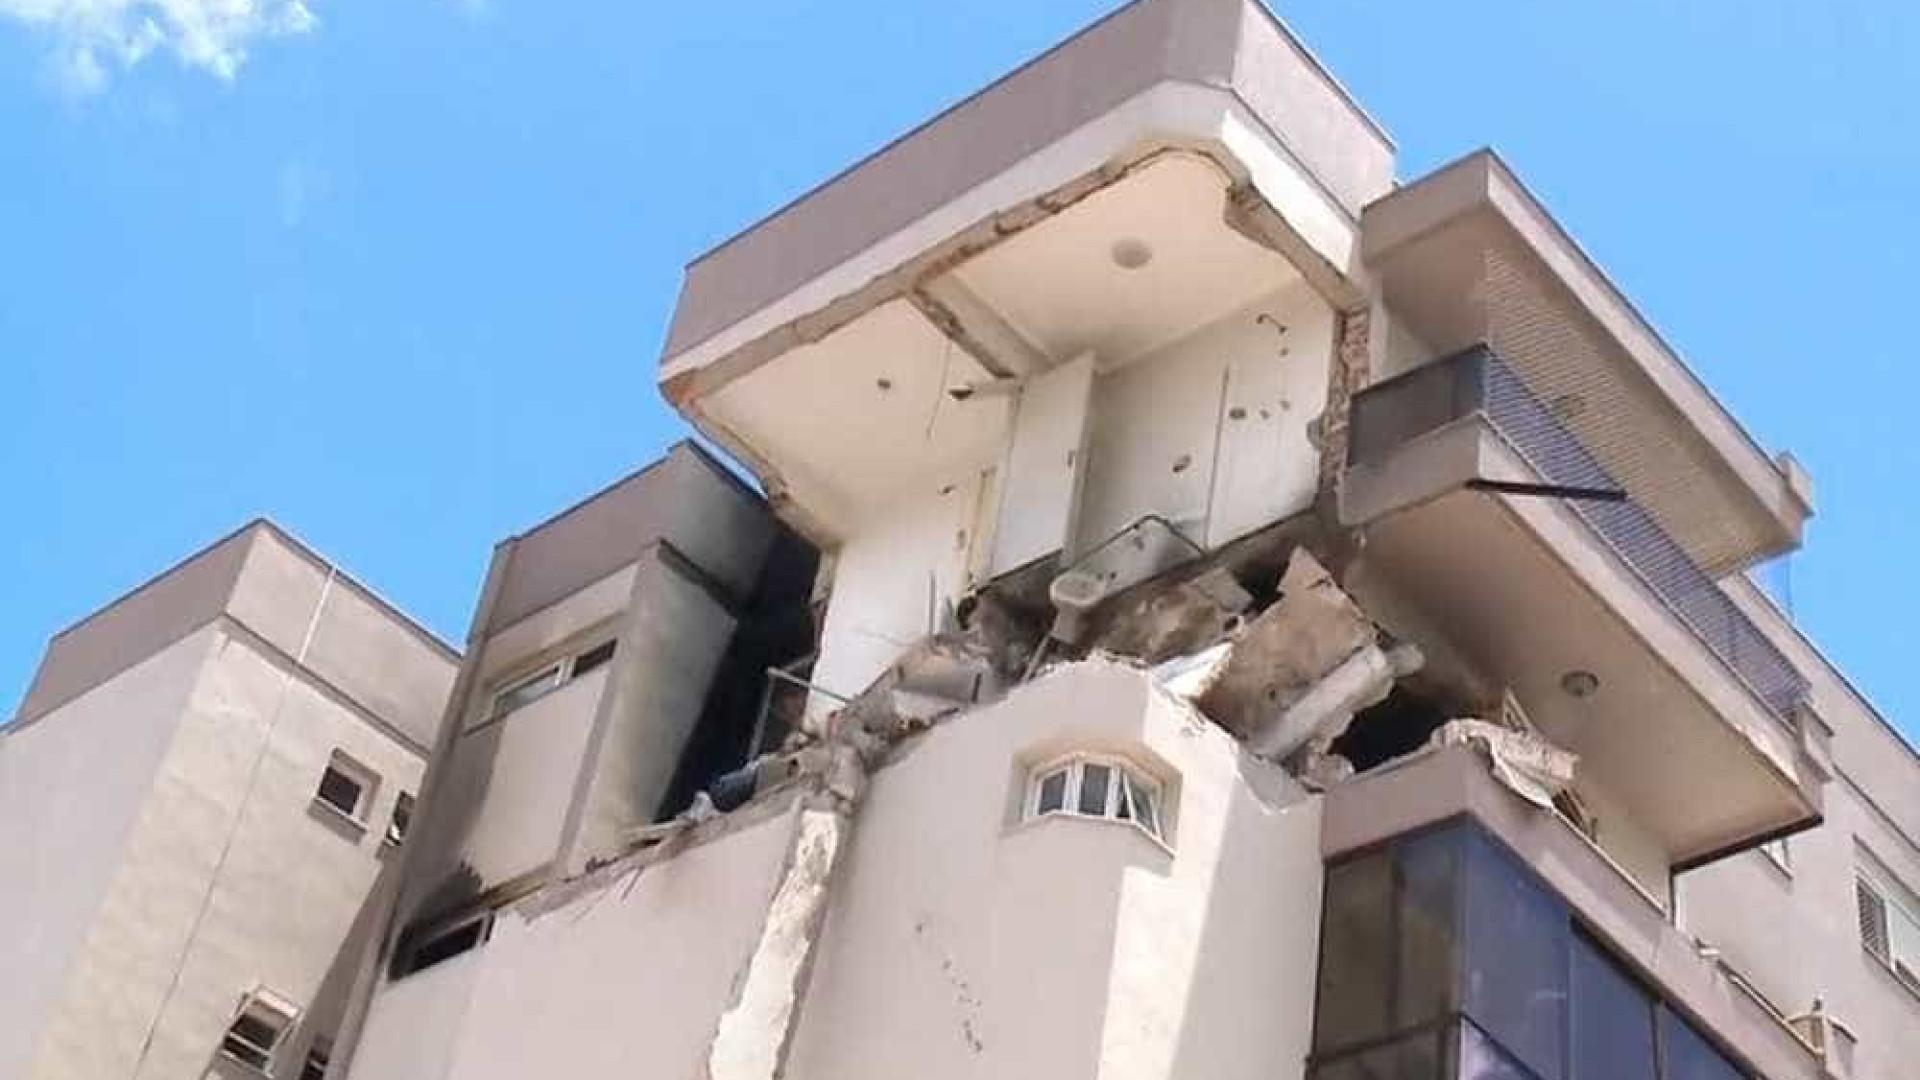 Explosão e incêndio em prédio deixam ao menos 15 feridos em Farroupilha